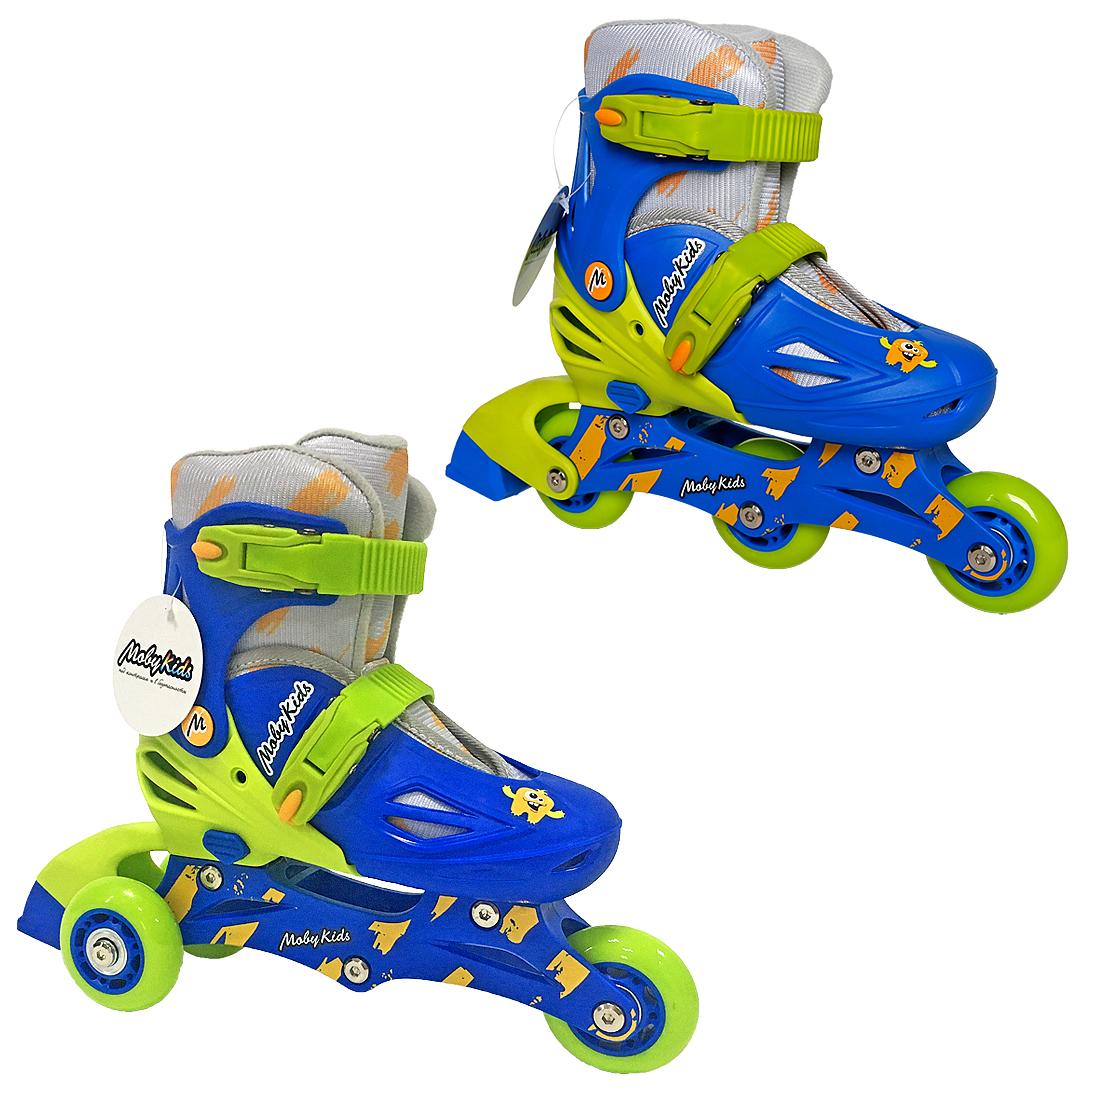 Роликовые коньки Moby Kids 641003 ролики и скейтборды moby kids коньки роликовые moby kids 26 29 раздвижные фиолетовые